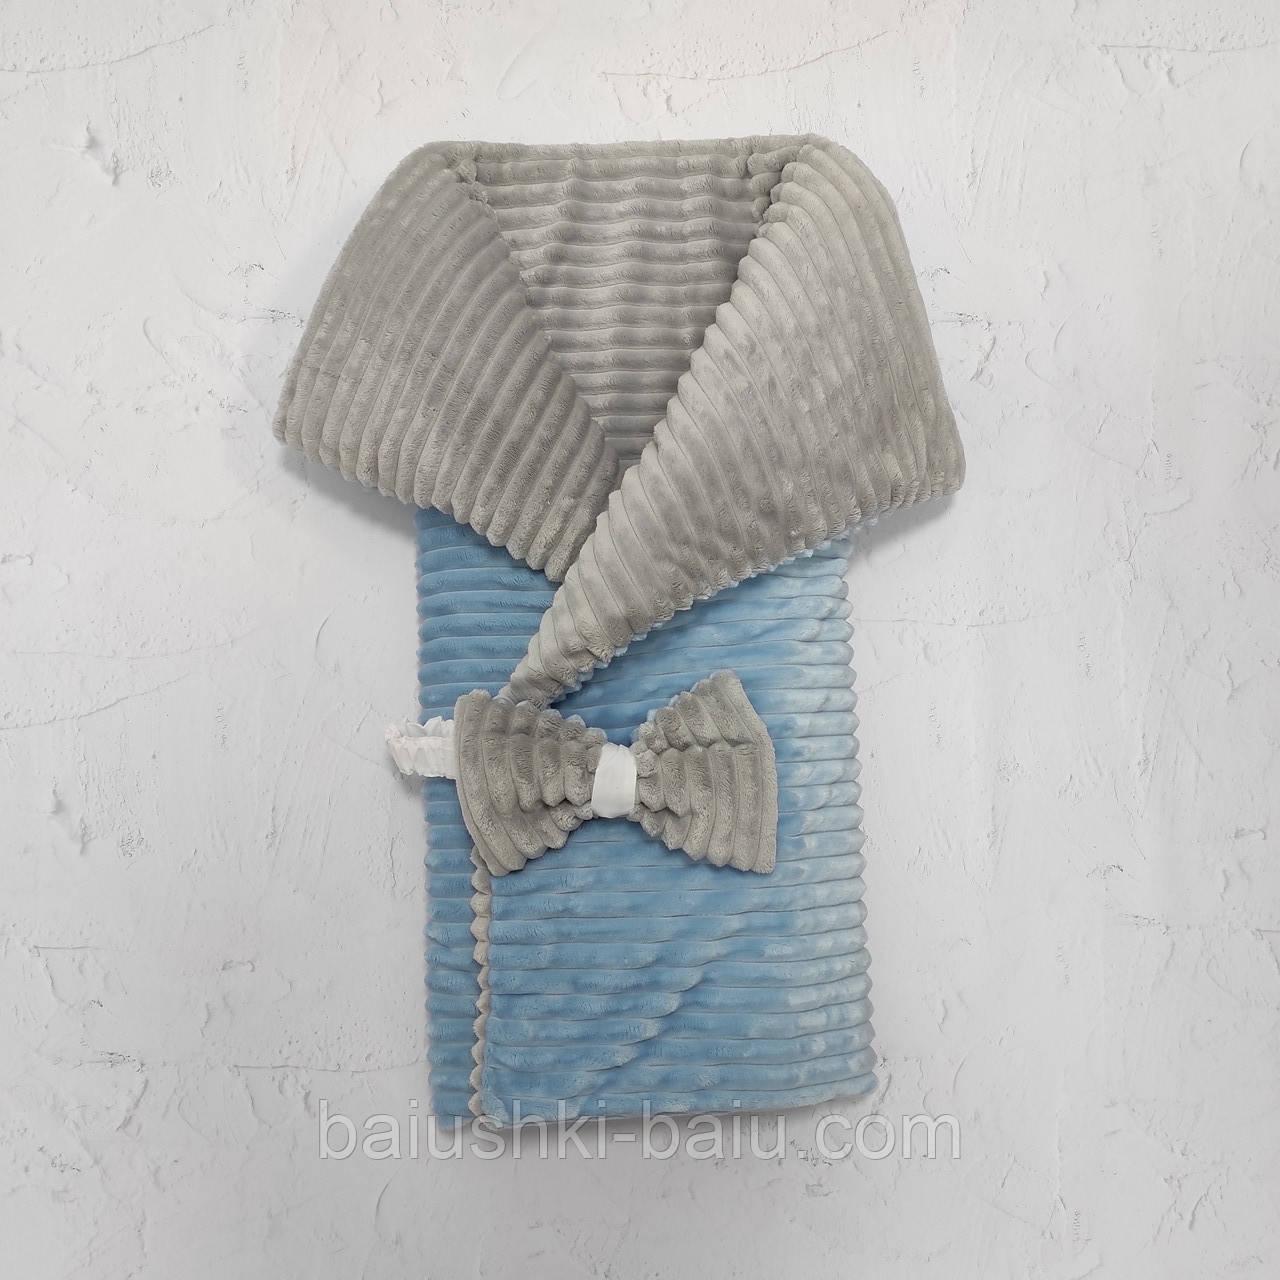 Конверт плед одеяло на выписку, плюшевый, утепленный